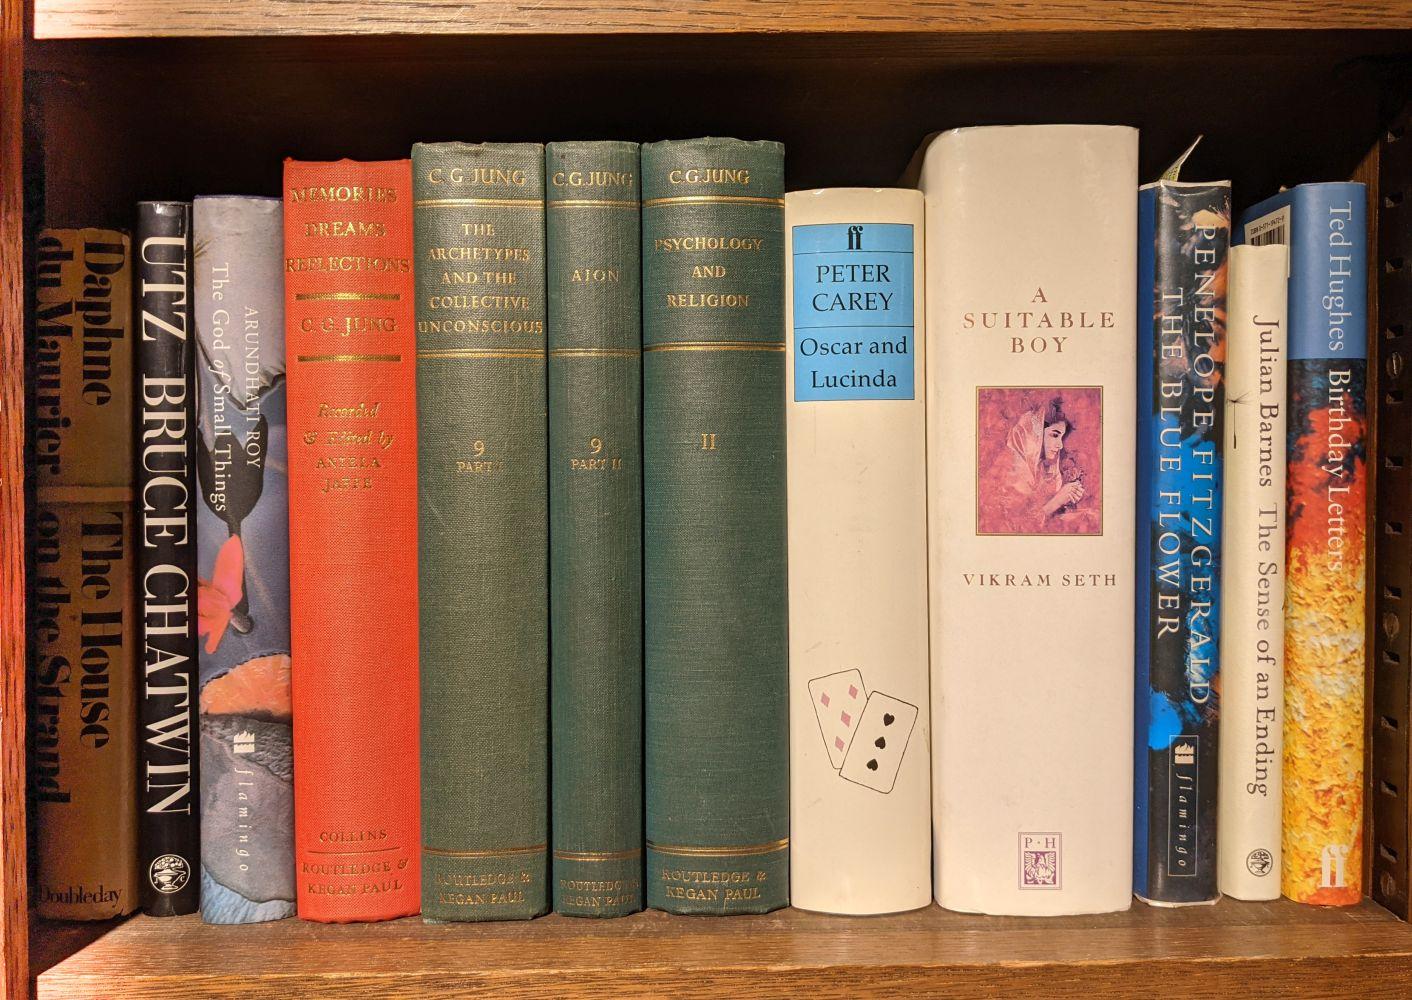 Dostoevsky (Fyodor). Novels, 1915-20 - Image 2 of 6